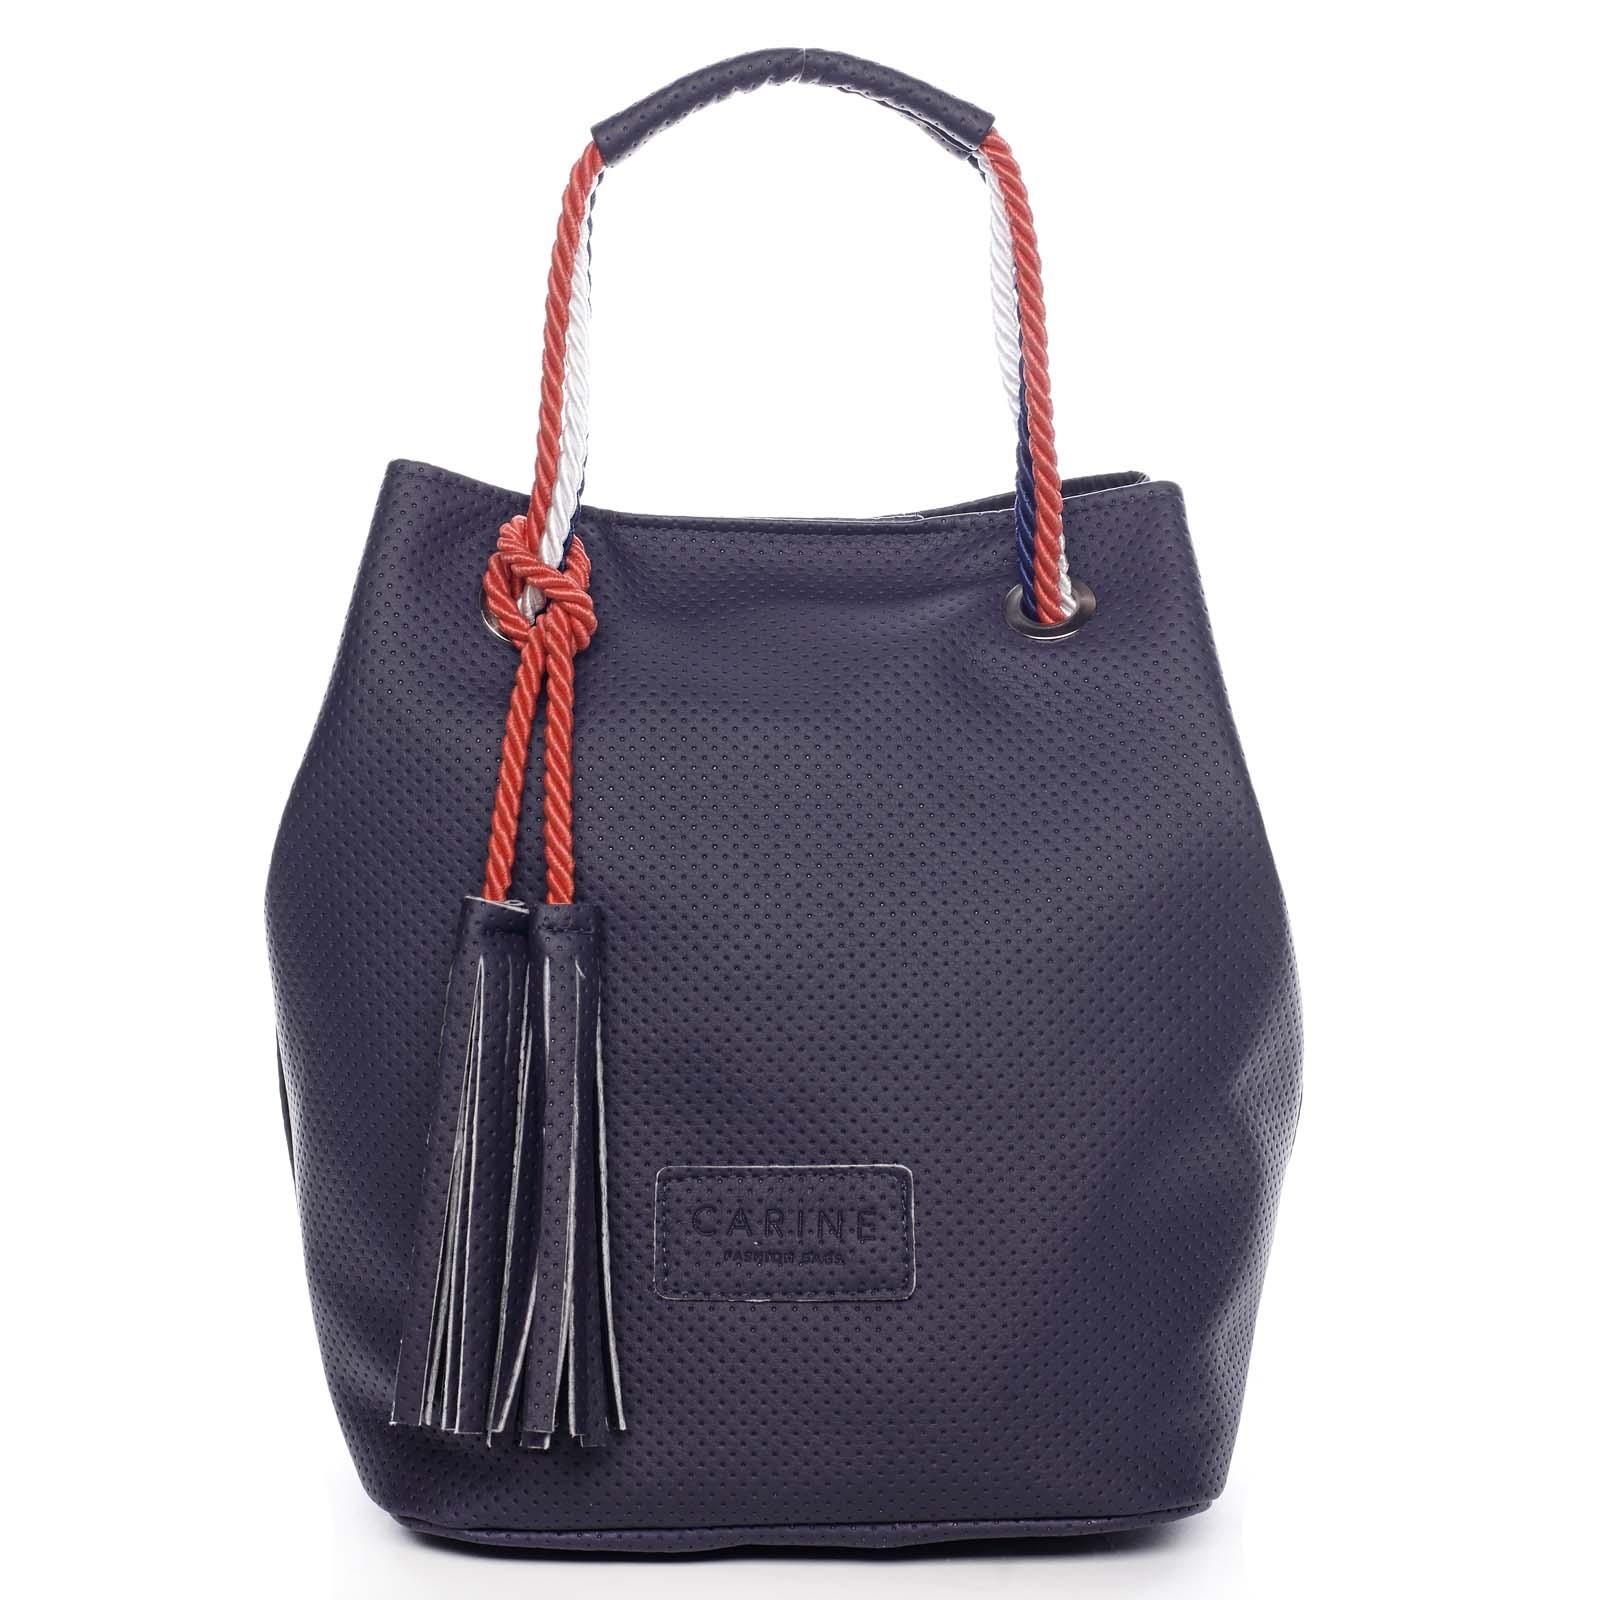 Dámská kabelka tmavě modrá - Carine C2000